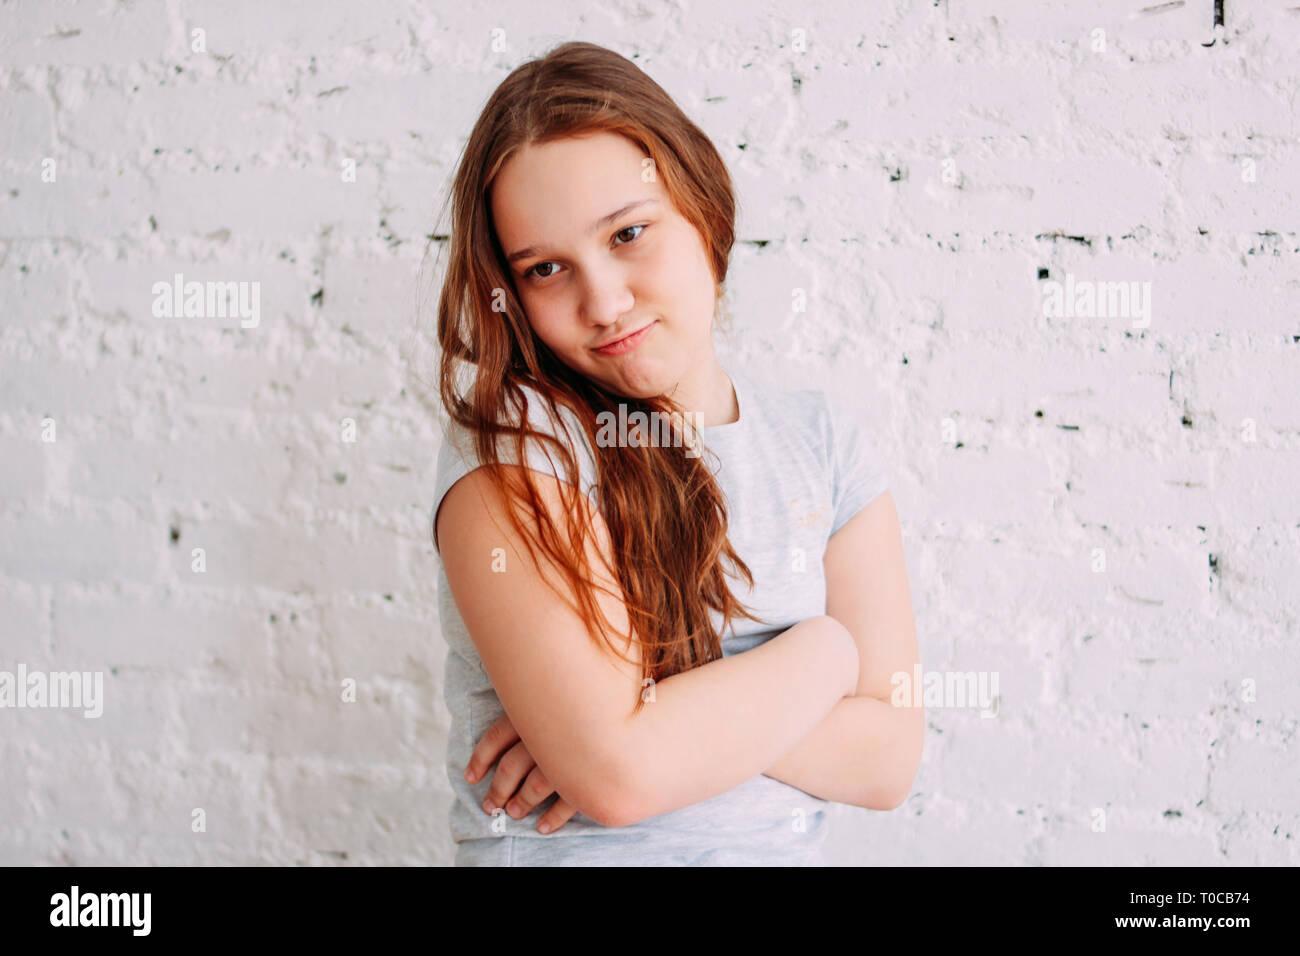 Portrait Von Lange Rote Haare Cute Beleidigt Mädchen Auf